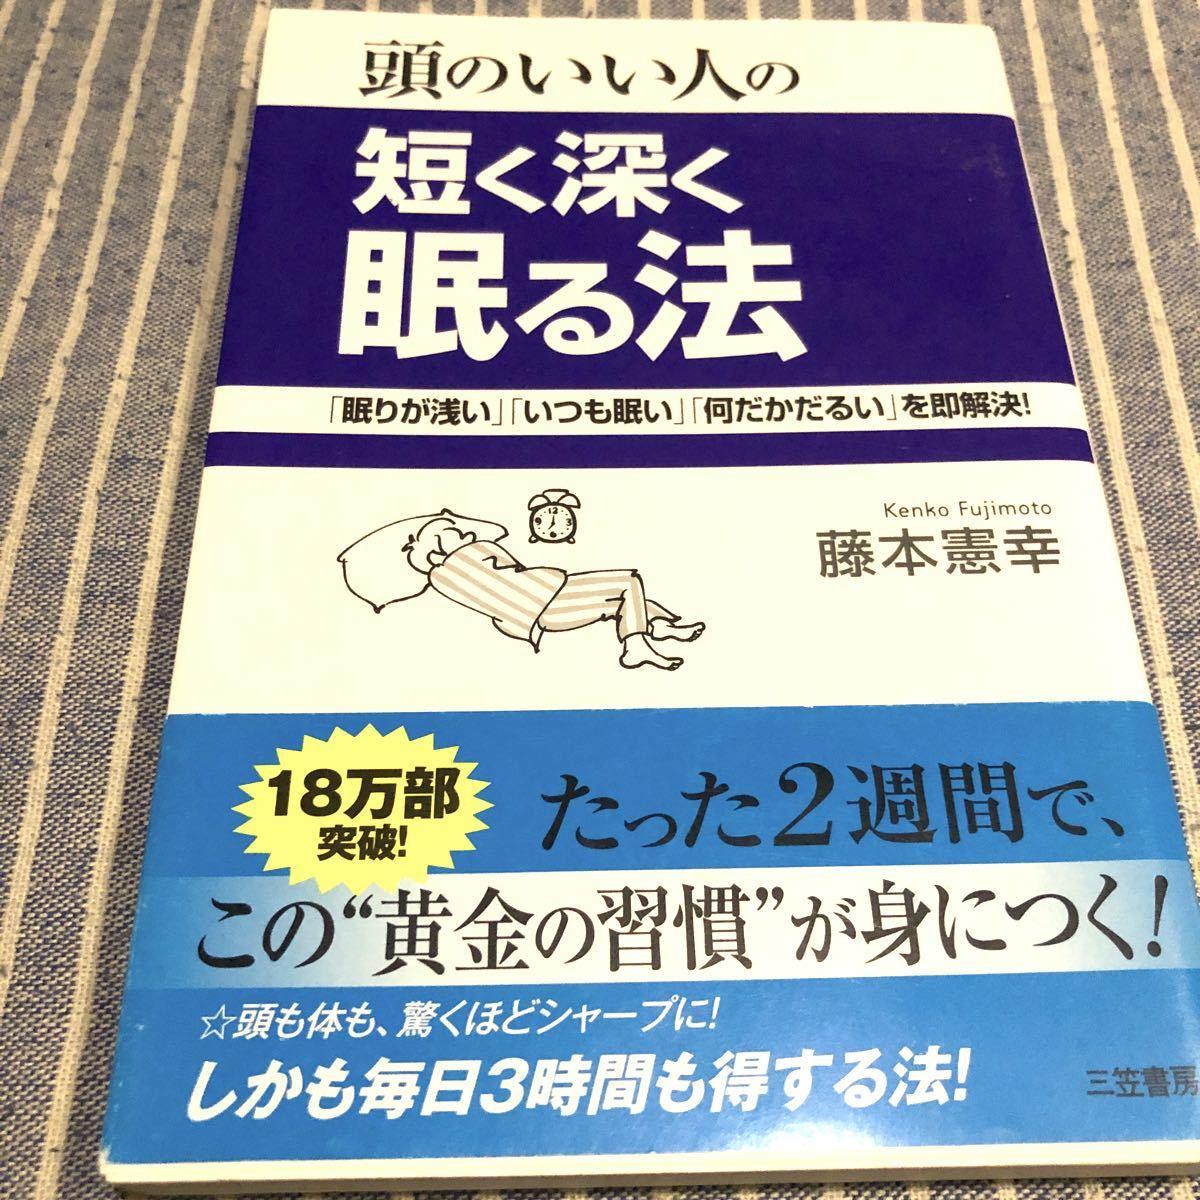 頭のいい人の短く深く眠る法 頭と体が100%活性化する最高の眠り方/藤本憲幸 (著者)